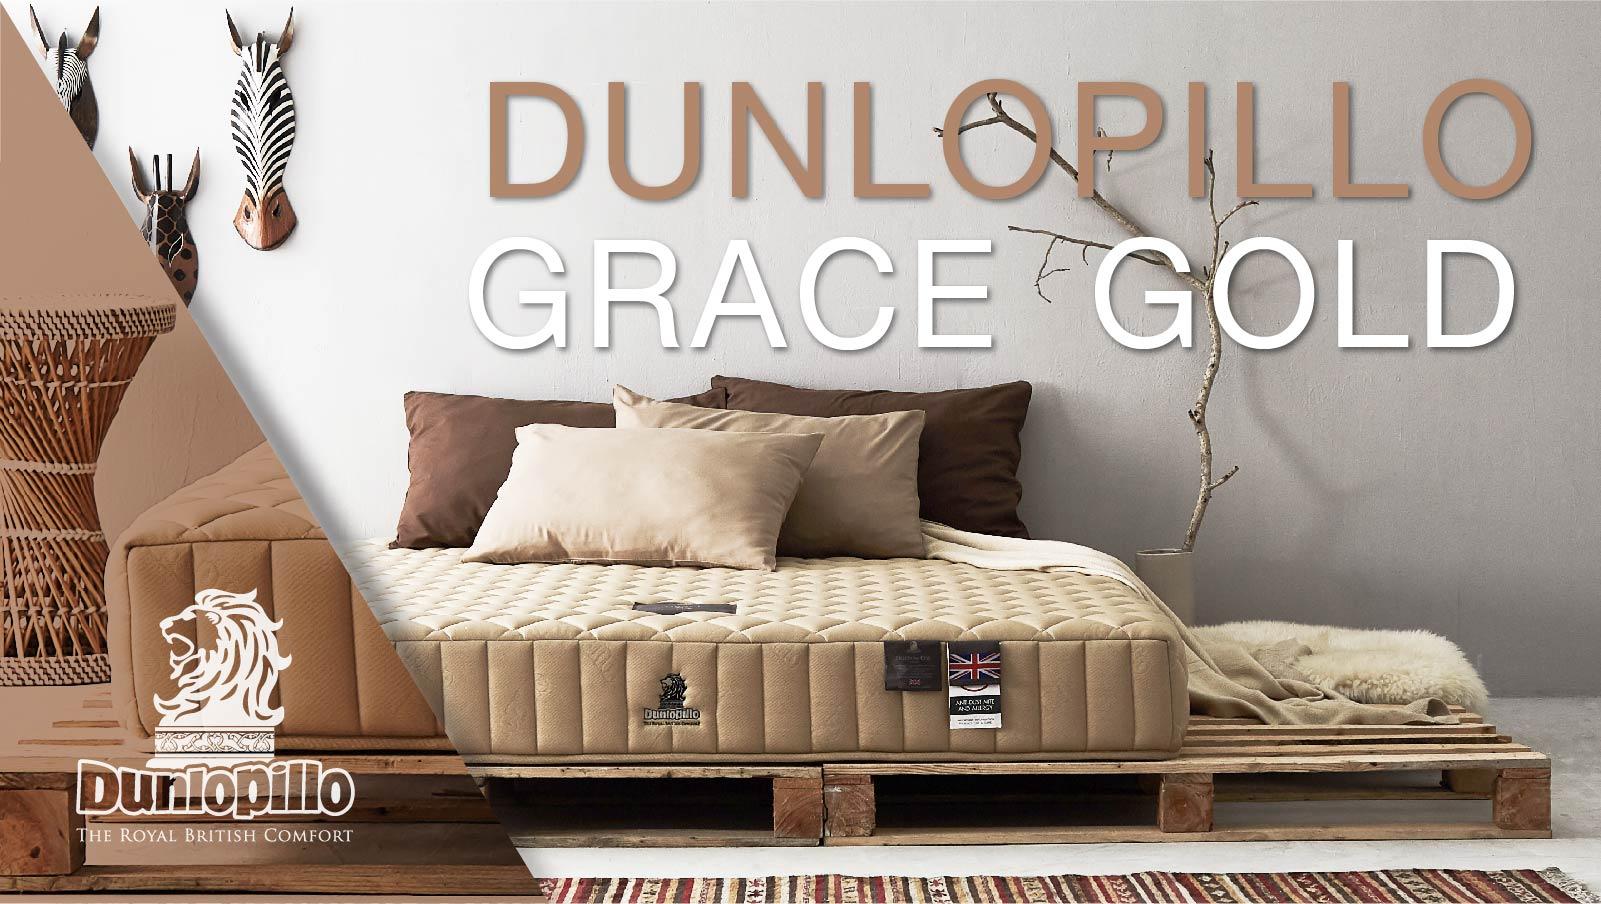 Dunlopillo Mattress- Grace Gold